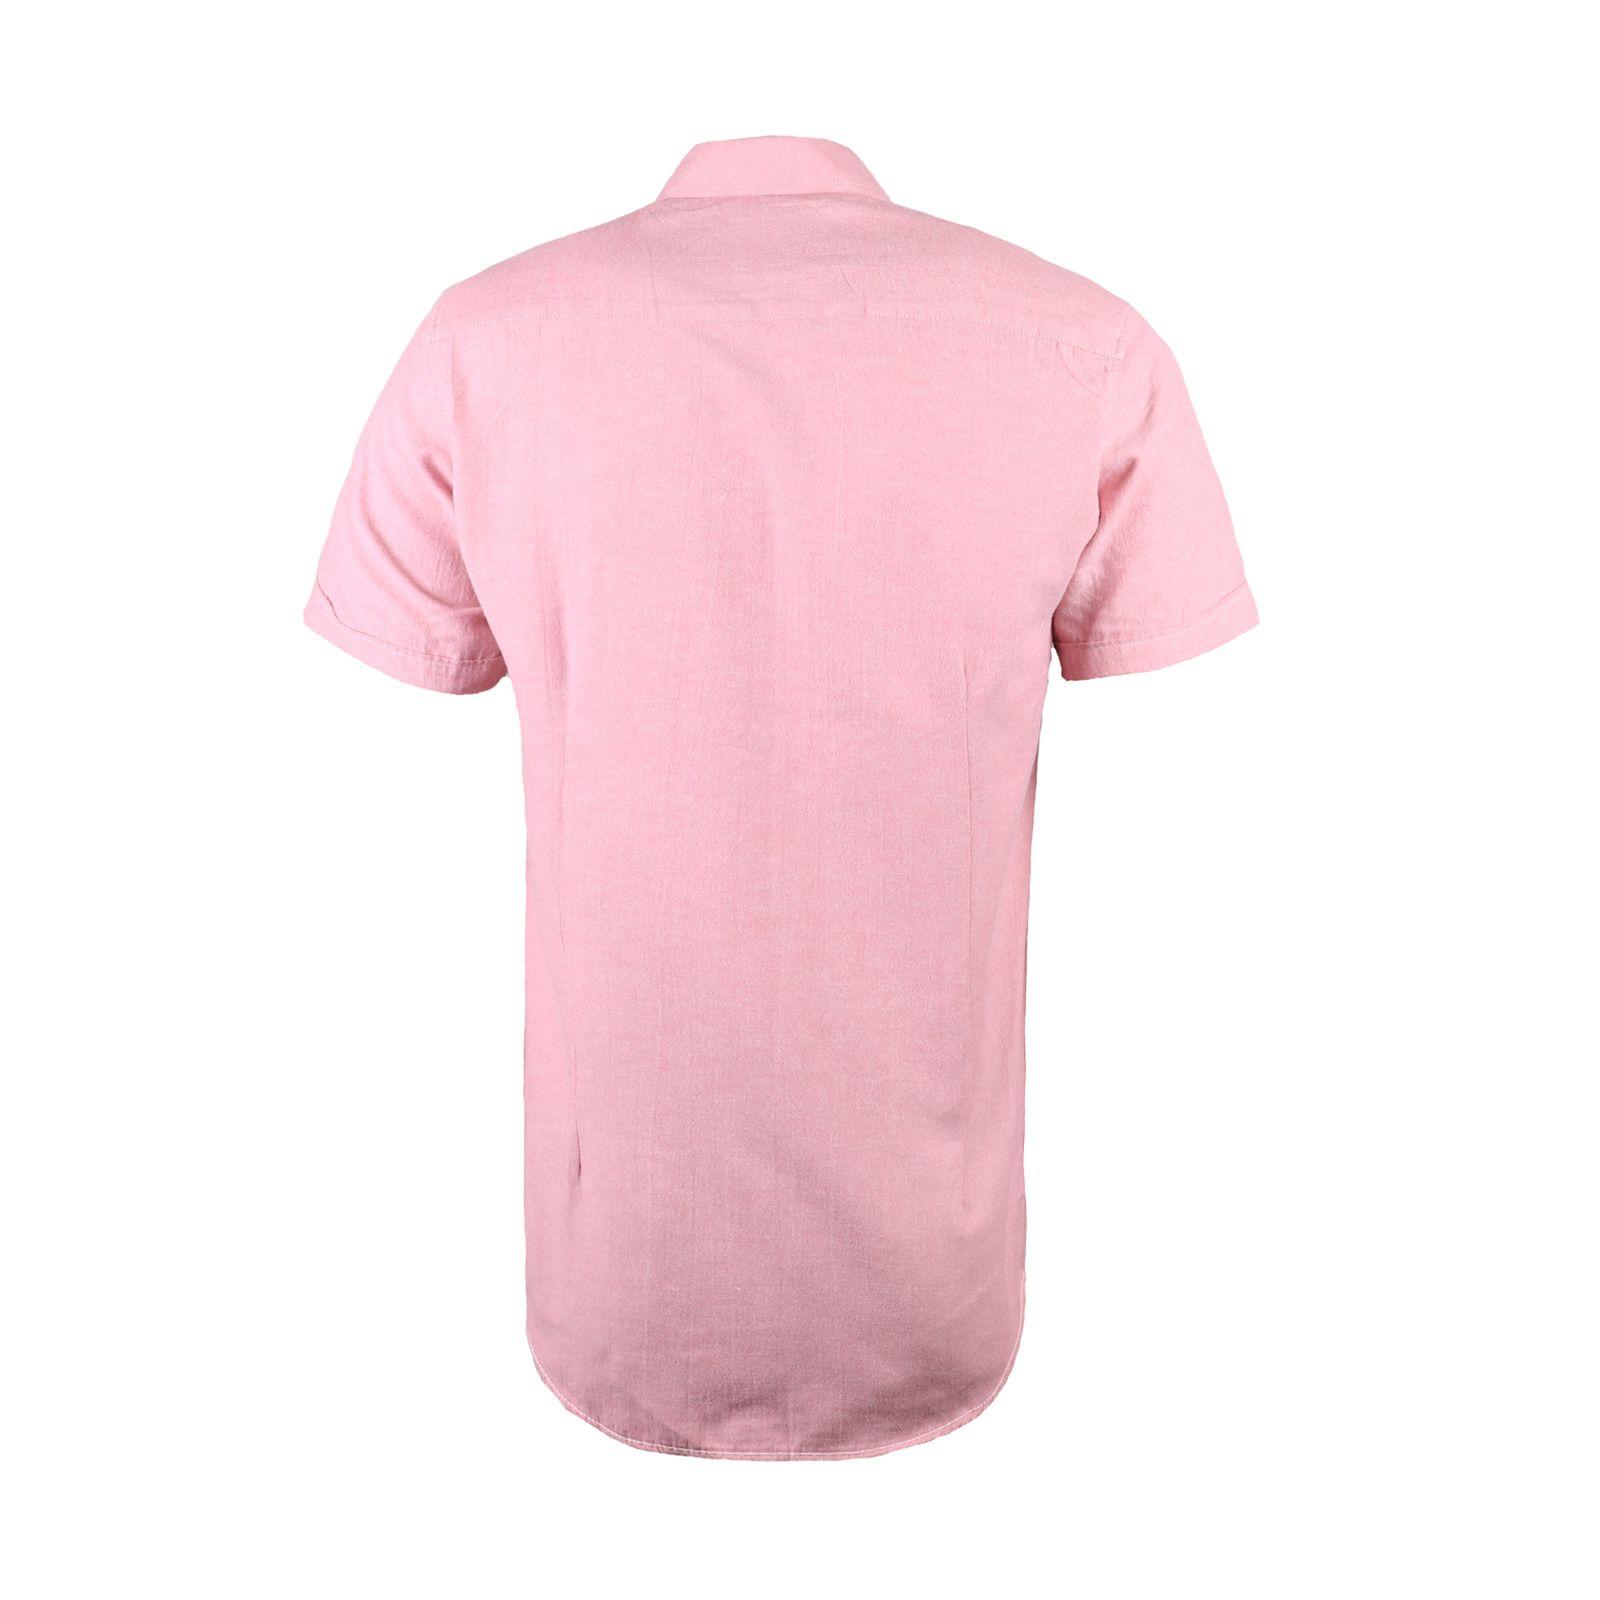 پیراهن مردانه کوک تریکو مدل 61728 -  - 3